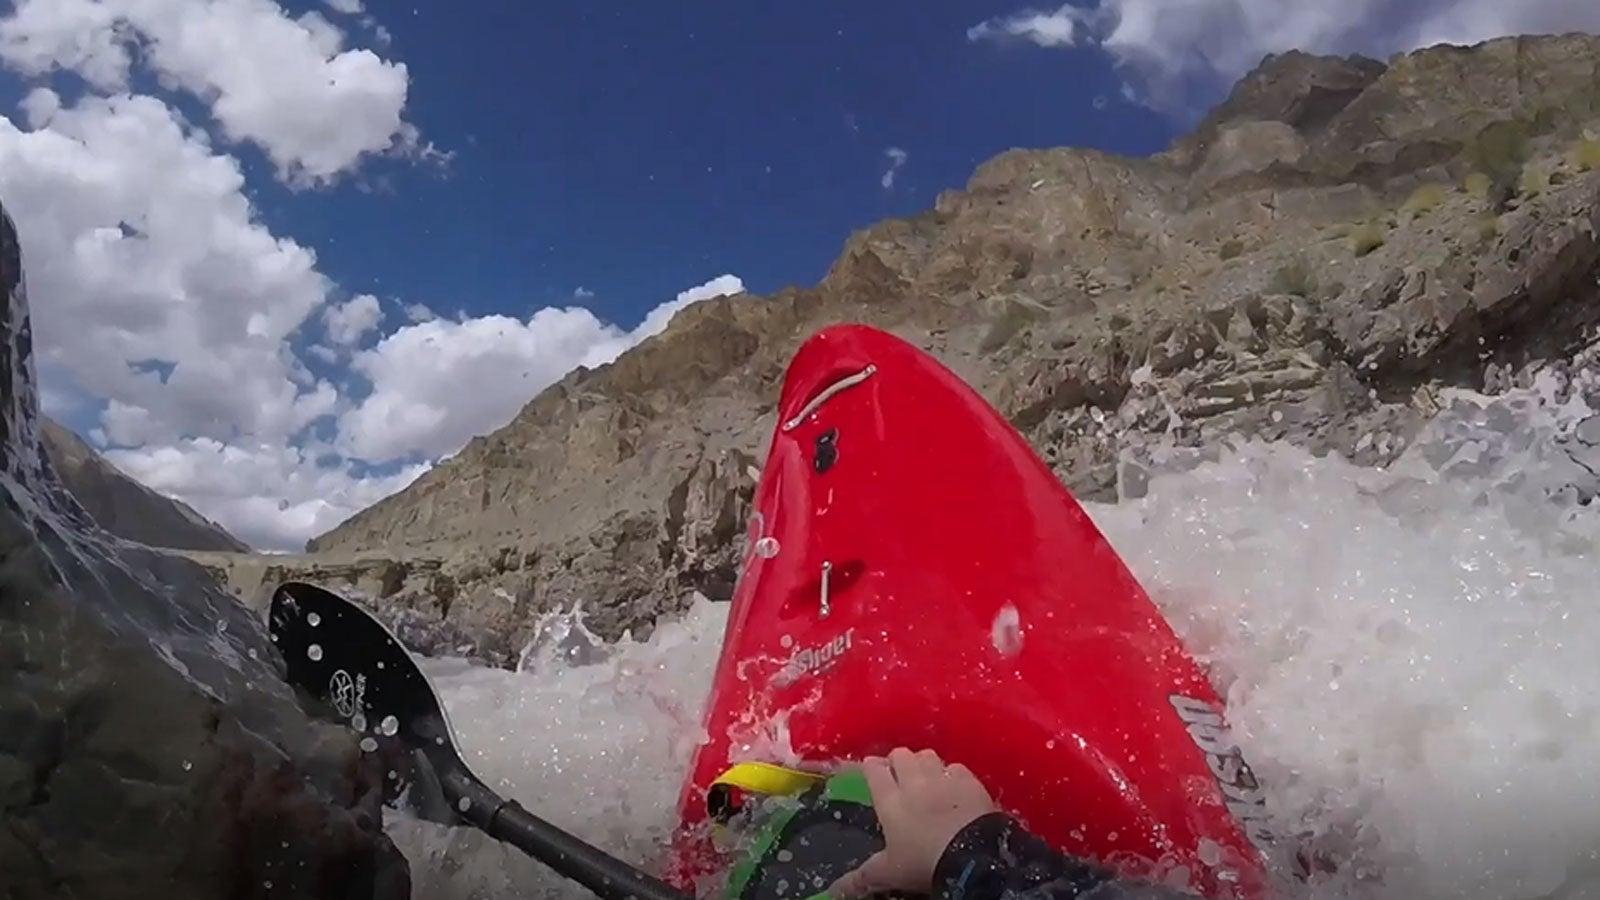 Stromschnellen: Helmkamera von Kajakfahrerin filmt Überlebenskampf